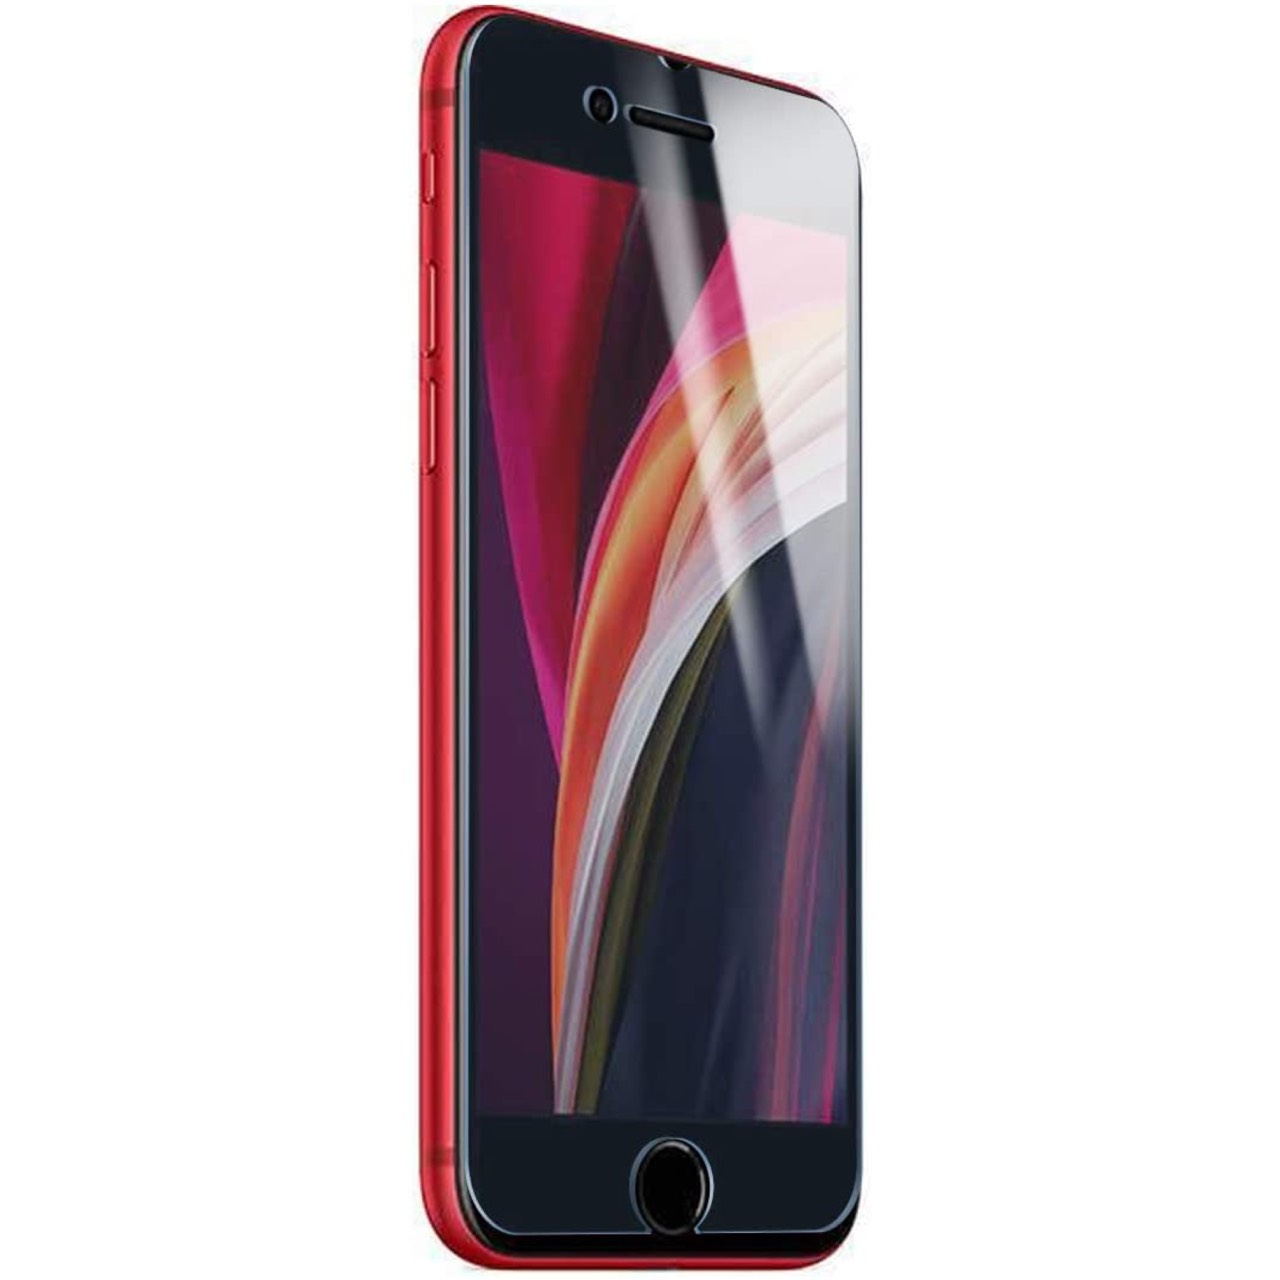 WANLOK iPhone SE「浮き無し」フィルム。実機にて確認済。アップル『iPhone SE(第2世代)』専用 フチが浮かない全面強力吸着タイプ液晶保護フィルム透明版もAmazonにて発売開始